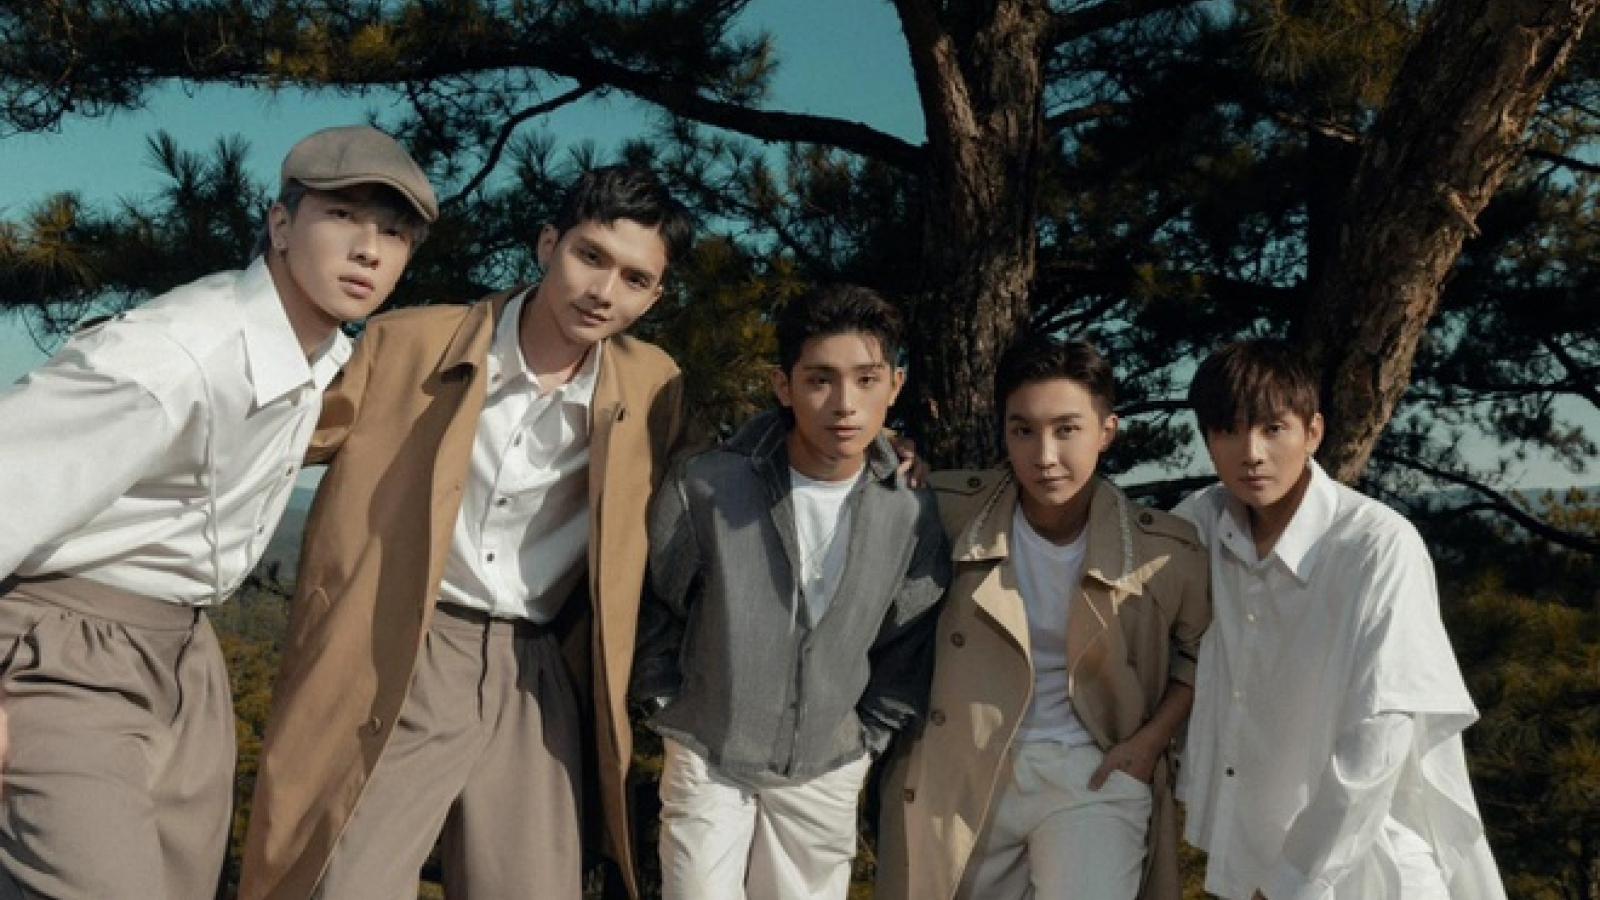 Nhóm nhạc Monstar tuyên bố tan rã ngay sau 1 ngày phát hành MV mới